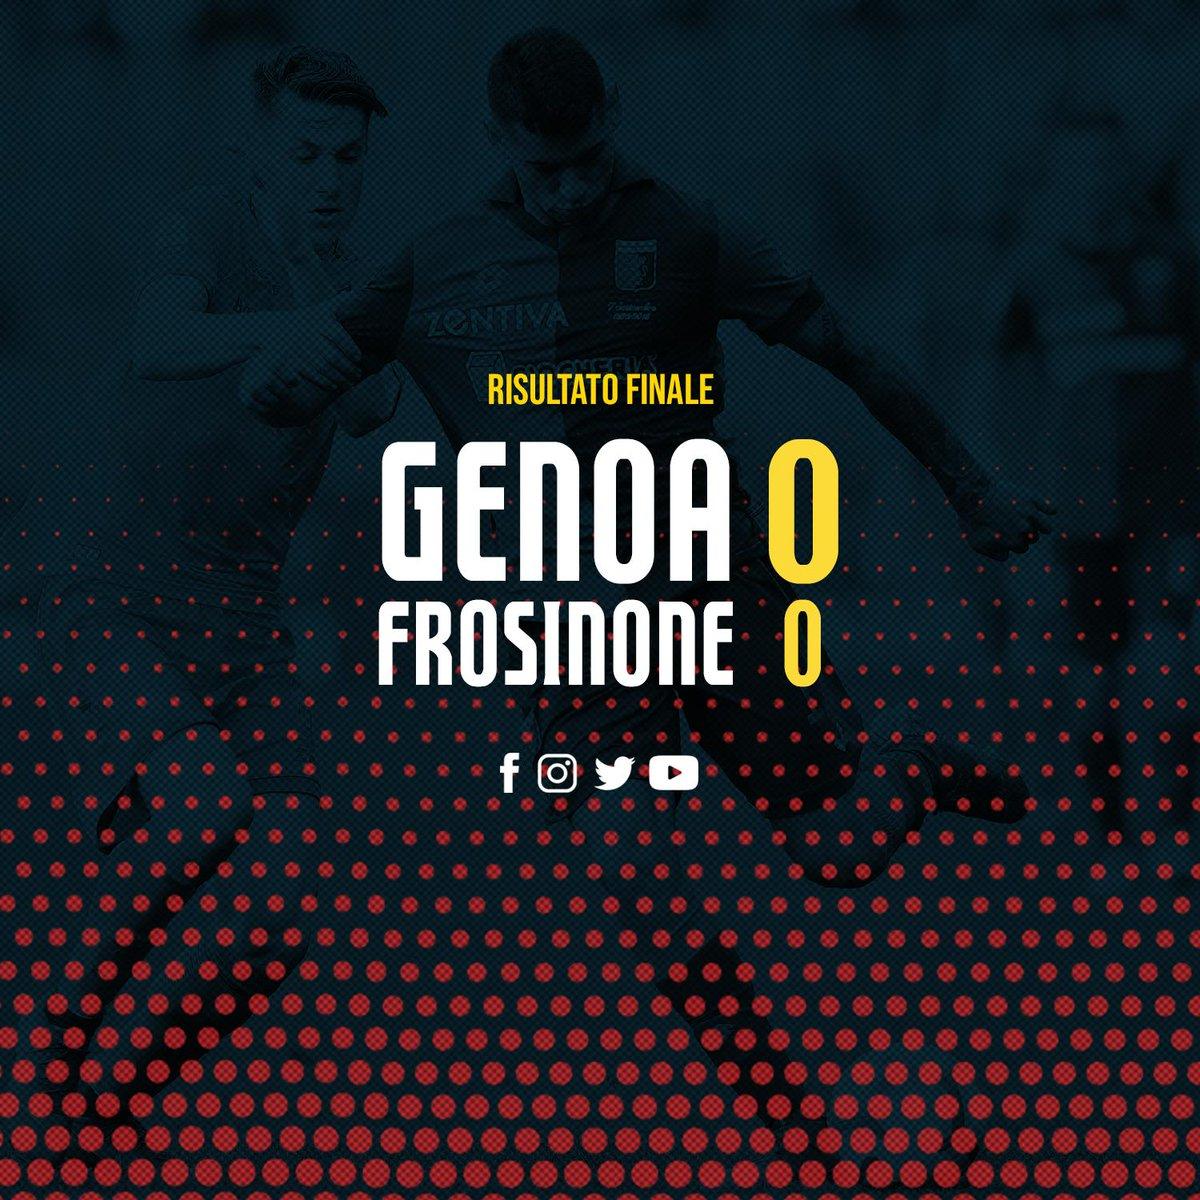 Serie A- Il Genoa spinge ma non segna, il Frosinone regge (0-0)